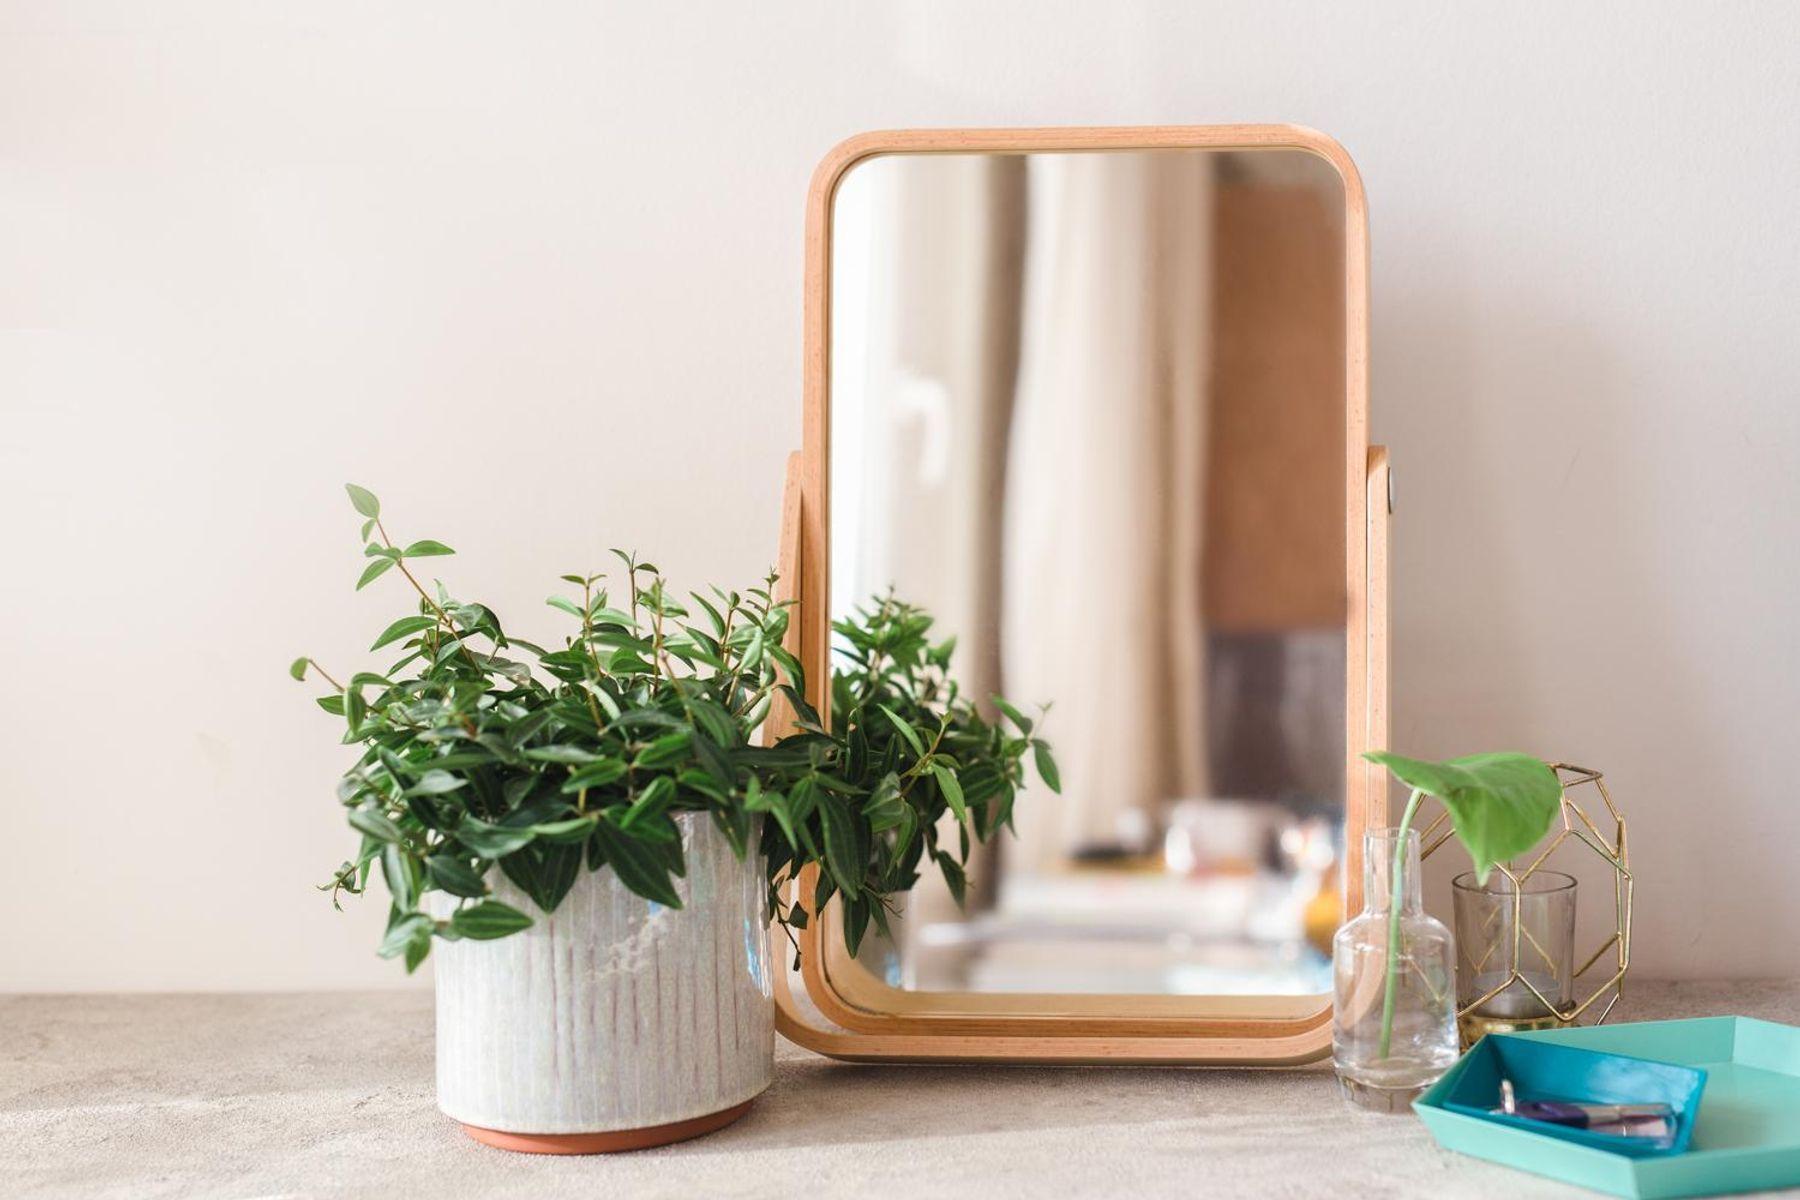 Espelho e vaso de plantas em cima da cômoda